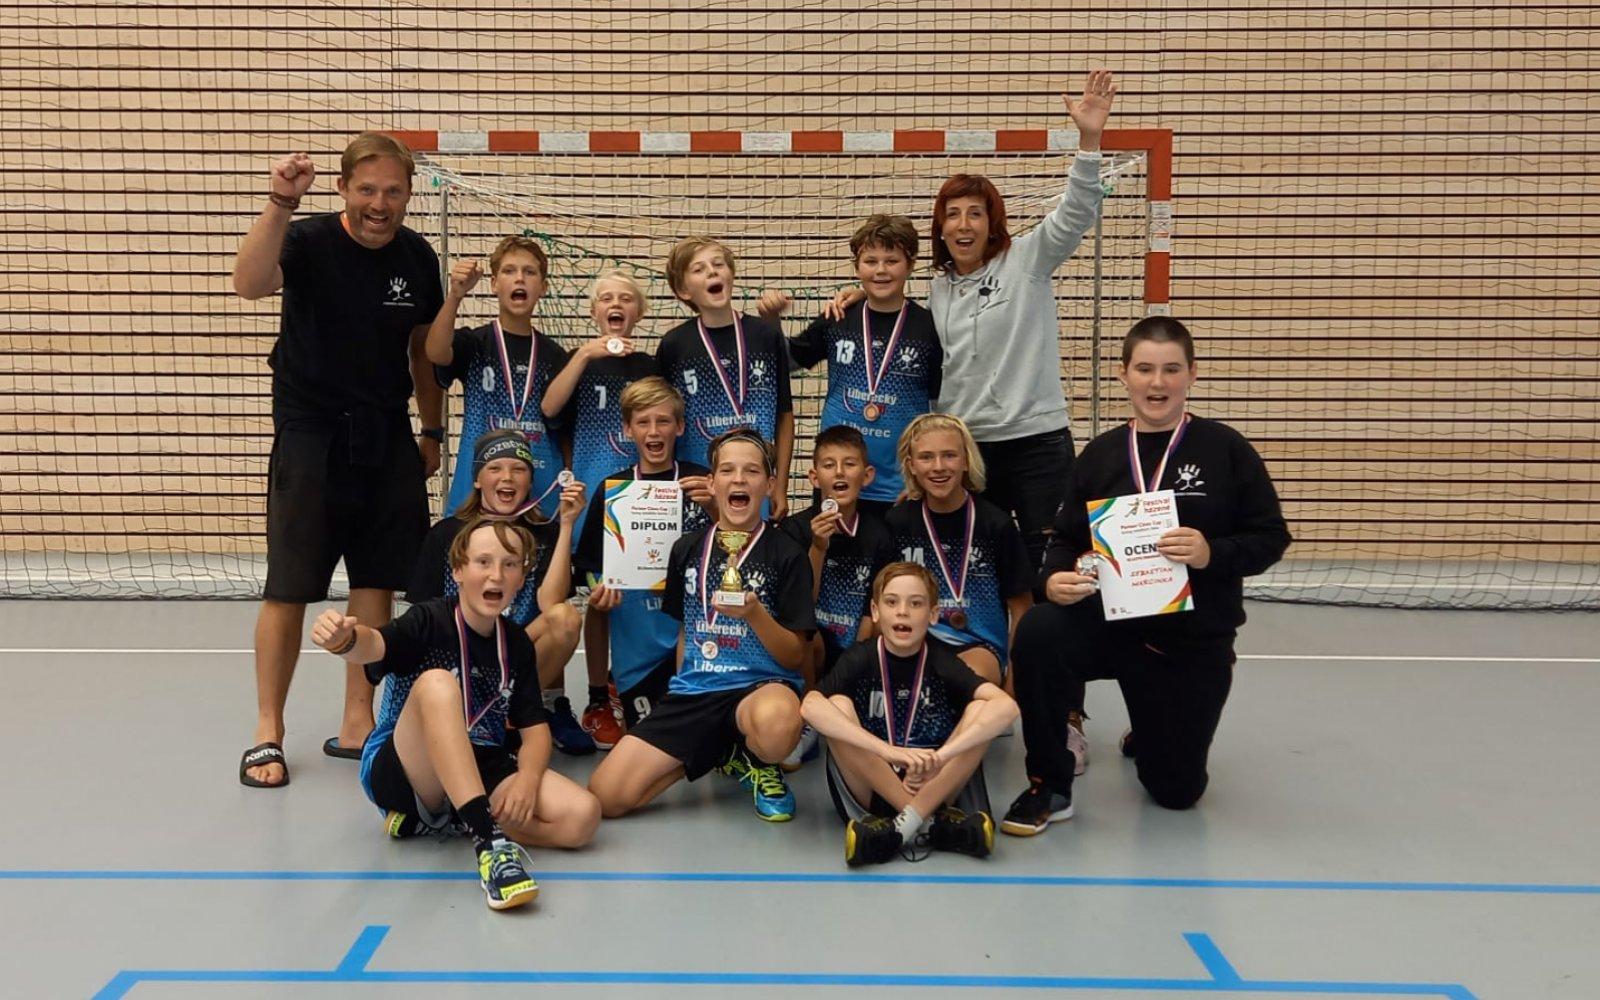 Mladší žáci vybojovali bronzové medaile na turnaji v Kuřimi